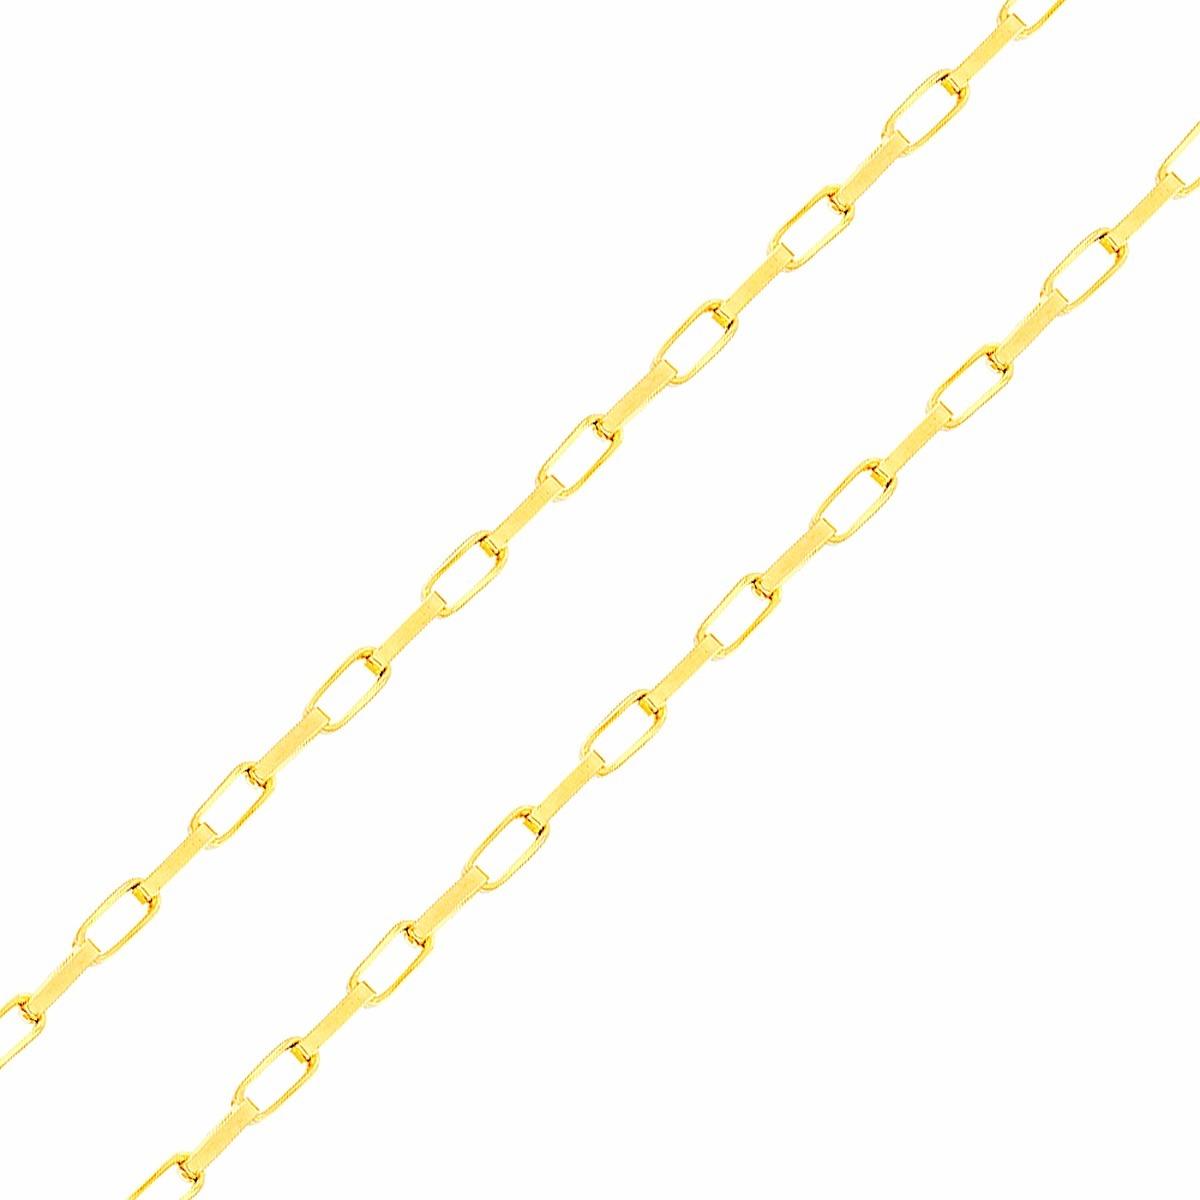 6c8990bc48196 corrente de ouro 18k masculina malha cartier 2mm 60cm. Carregando zoom.